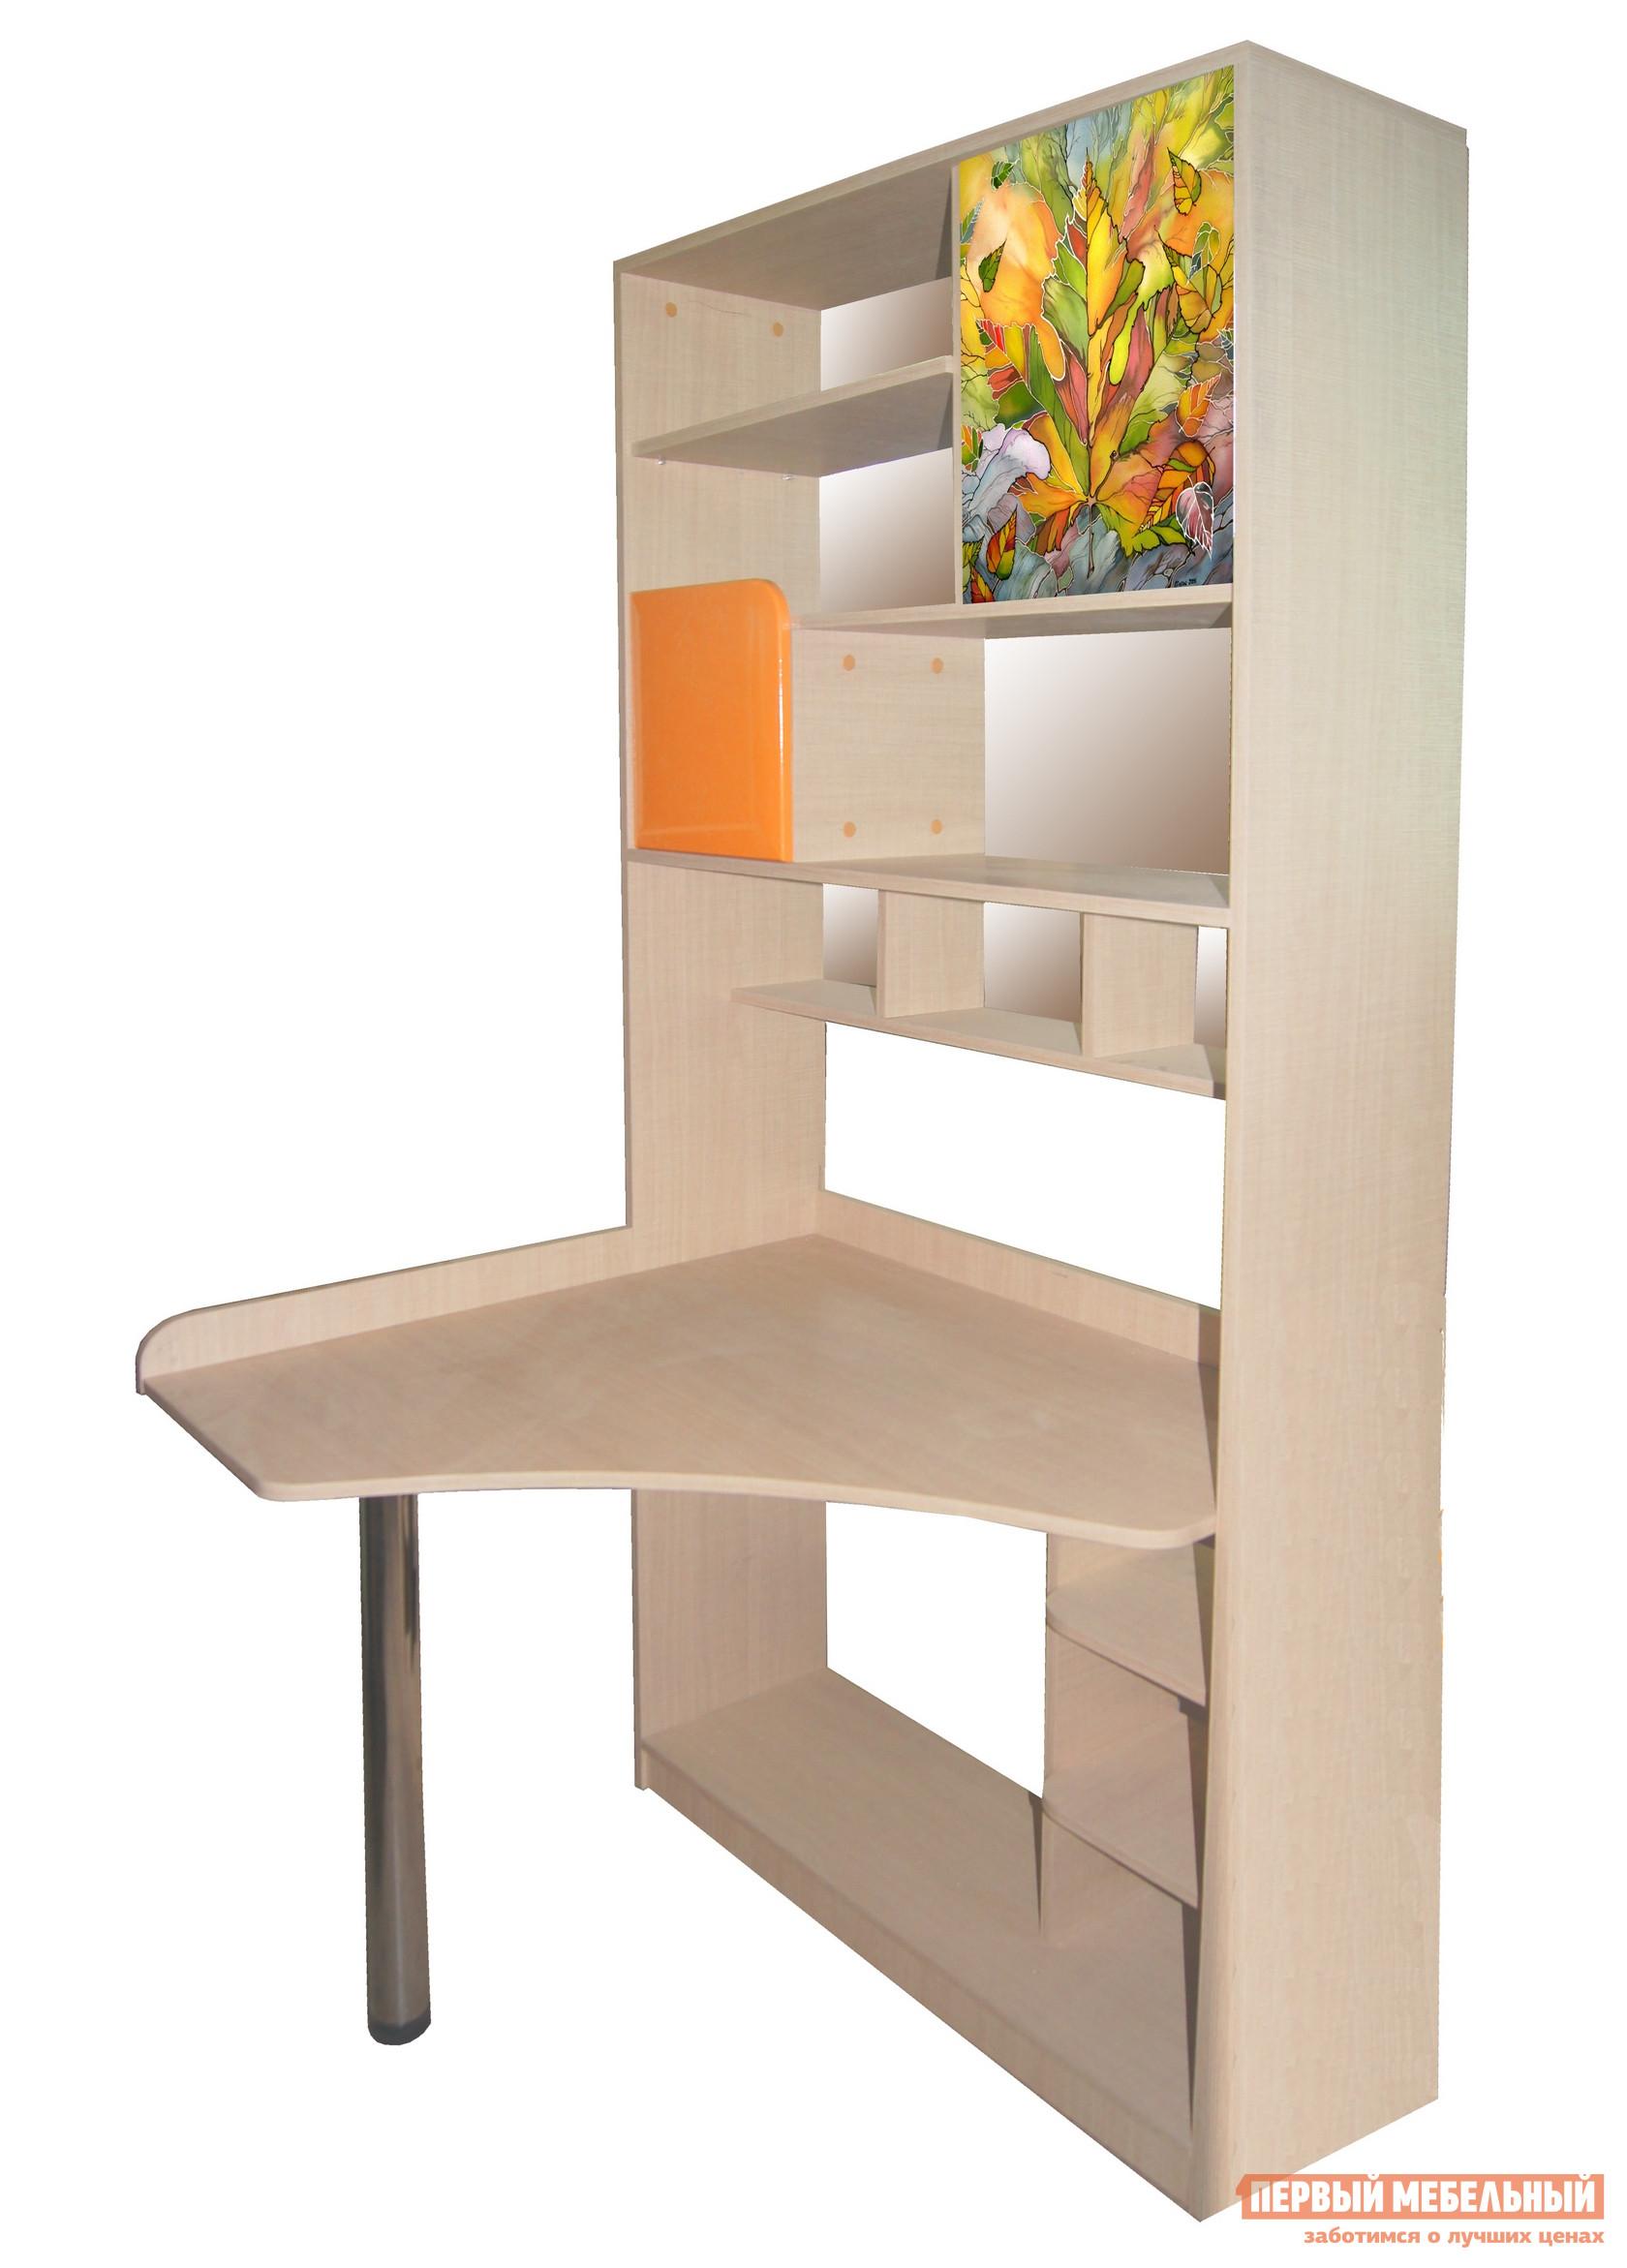 Компьютерный стол МО РОСТ Жили-были Мадейра / Оранжевый глянец от Купистол